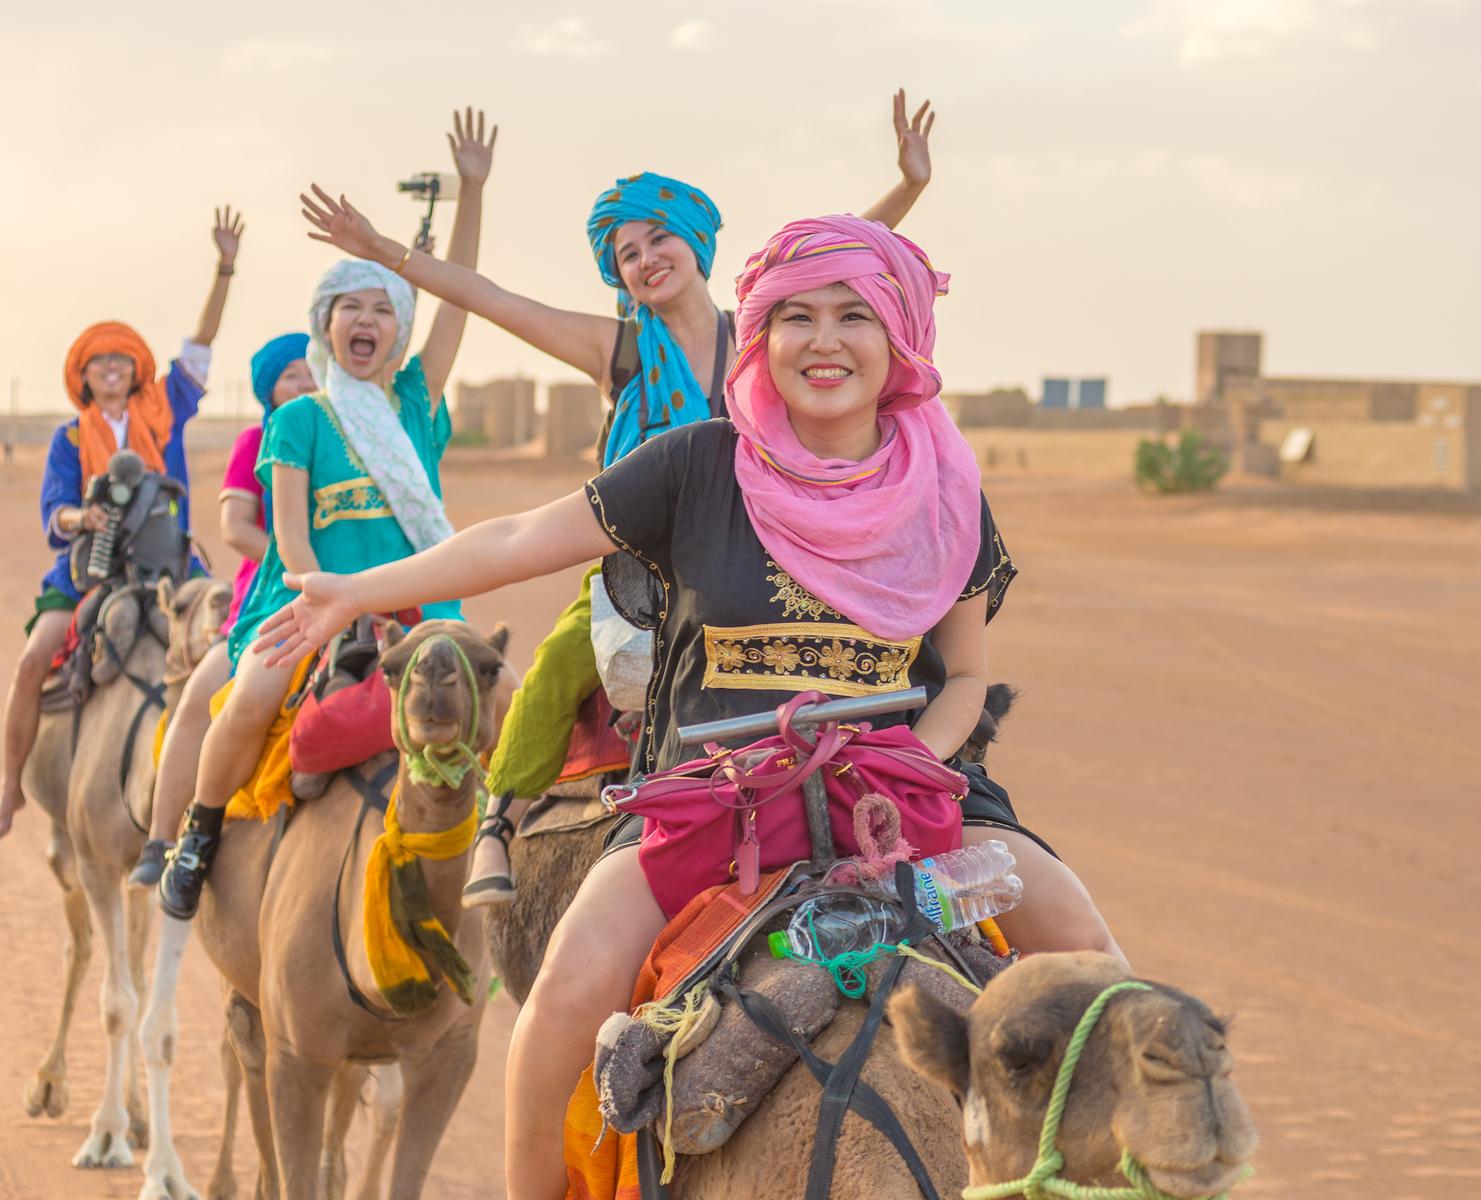 北非調色盤 摩洛哥 撒哈拉沙漠之旅以及沙漠拍攝建議 by Wilhelm Chang 張威廉